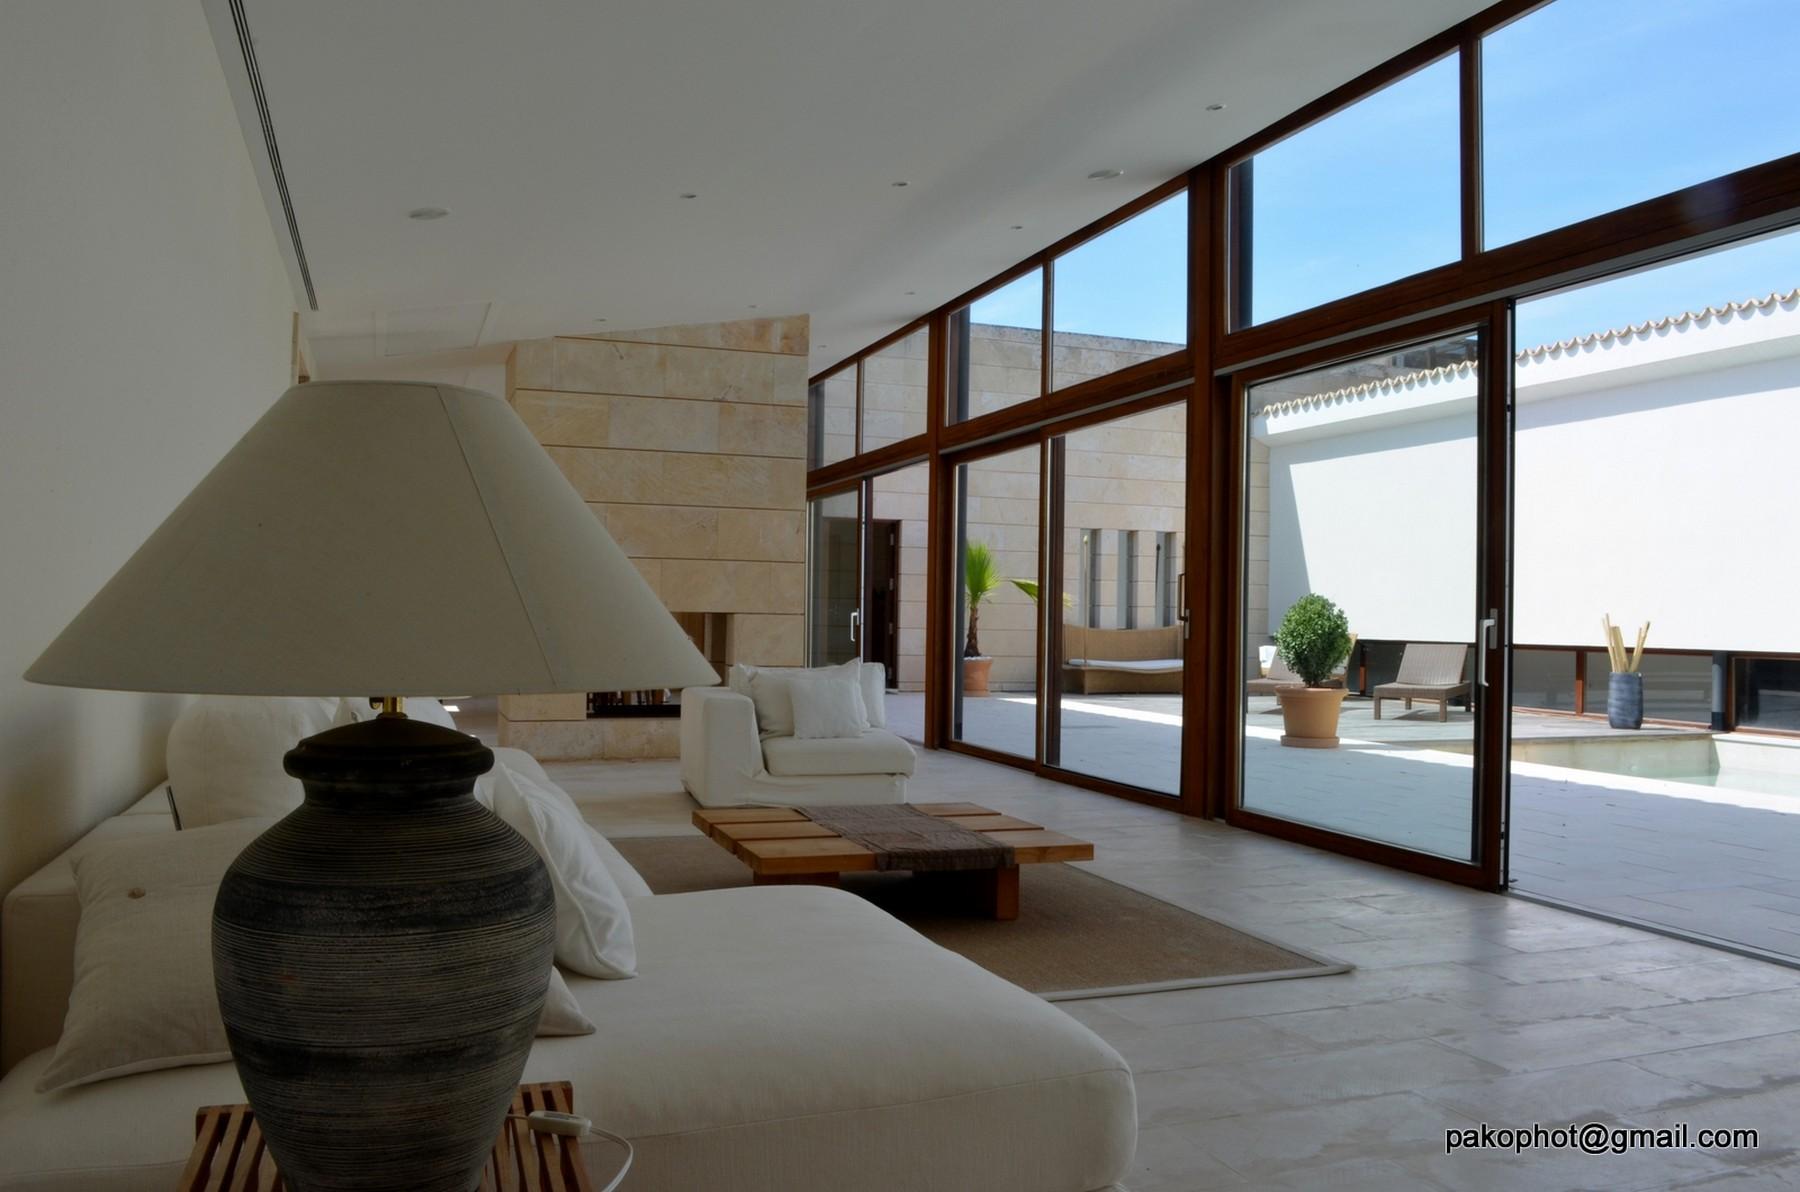 Single Family Home for Sale at Villa in Santa Margalida Alcudia, Mallorca, 07570 Spain